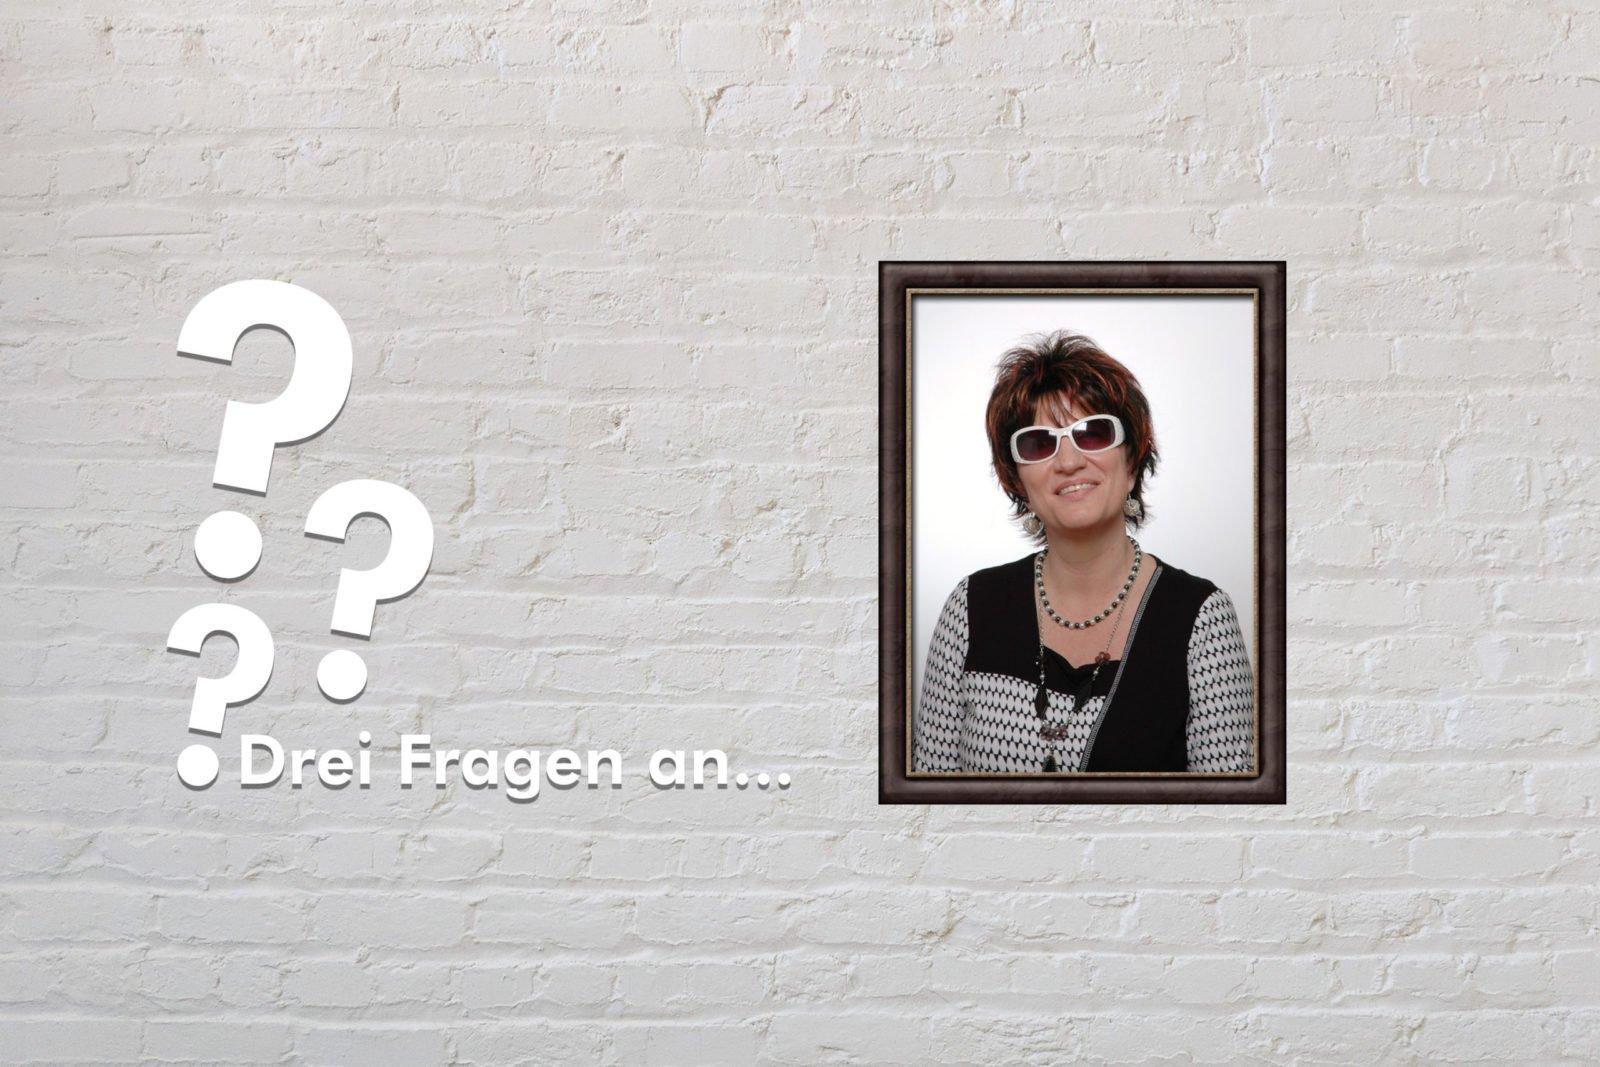 Fotomontage: Eine weiße Steinwand - darauf ein Rahmen, in den ein Bild von Silja Korn montiert ist, daneben der Schriftzug Drei Fragen an... und drei Fragezeichen.